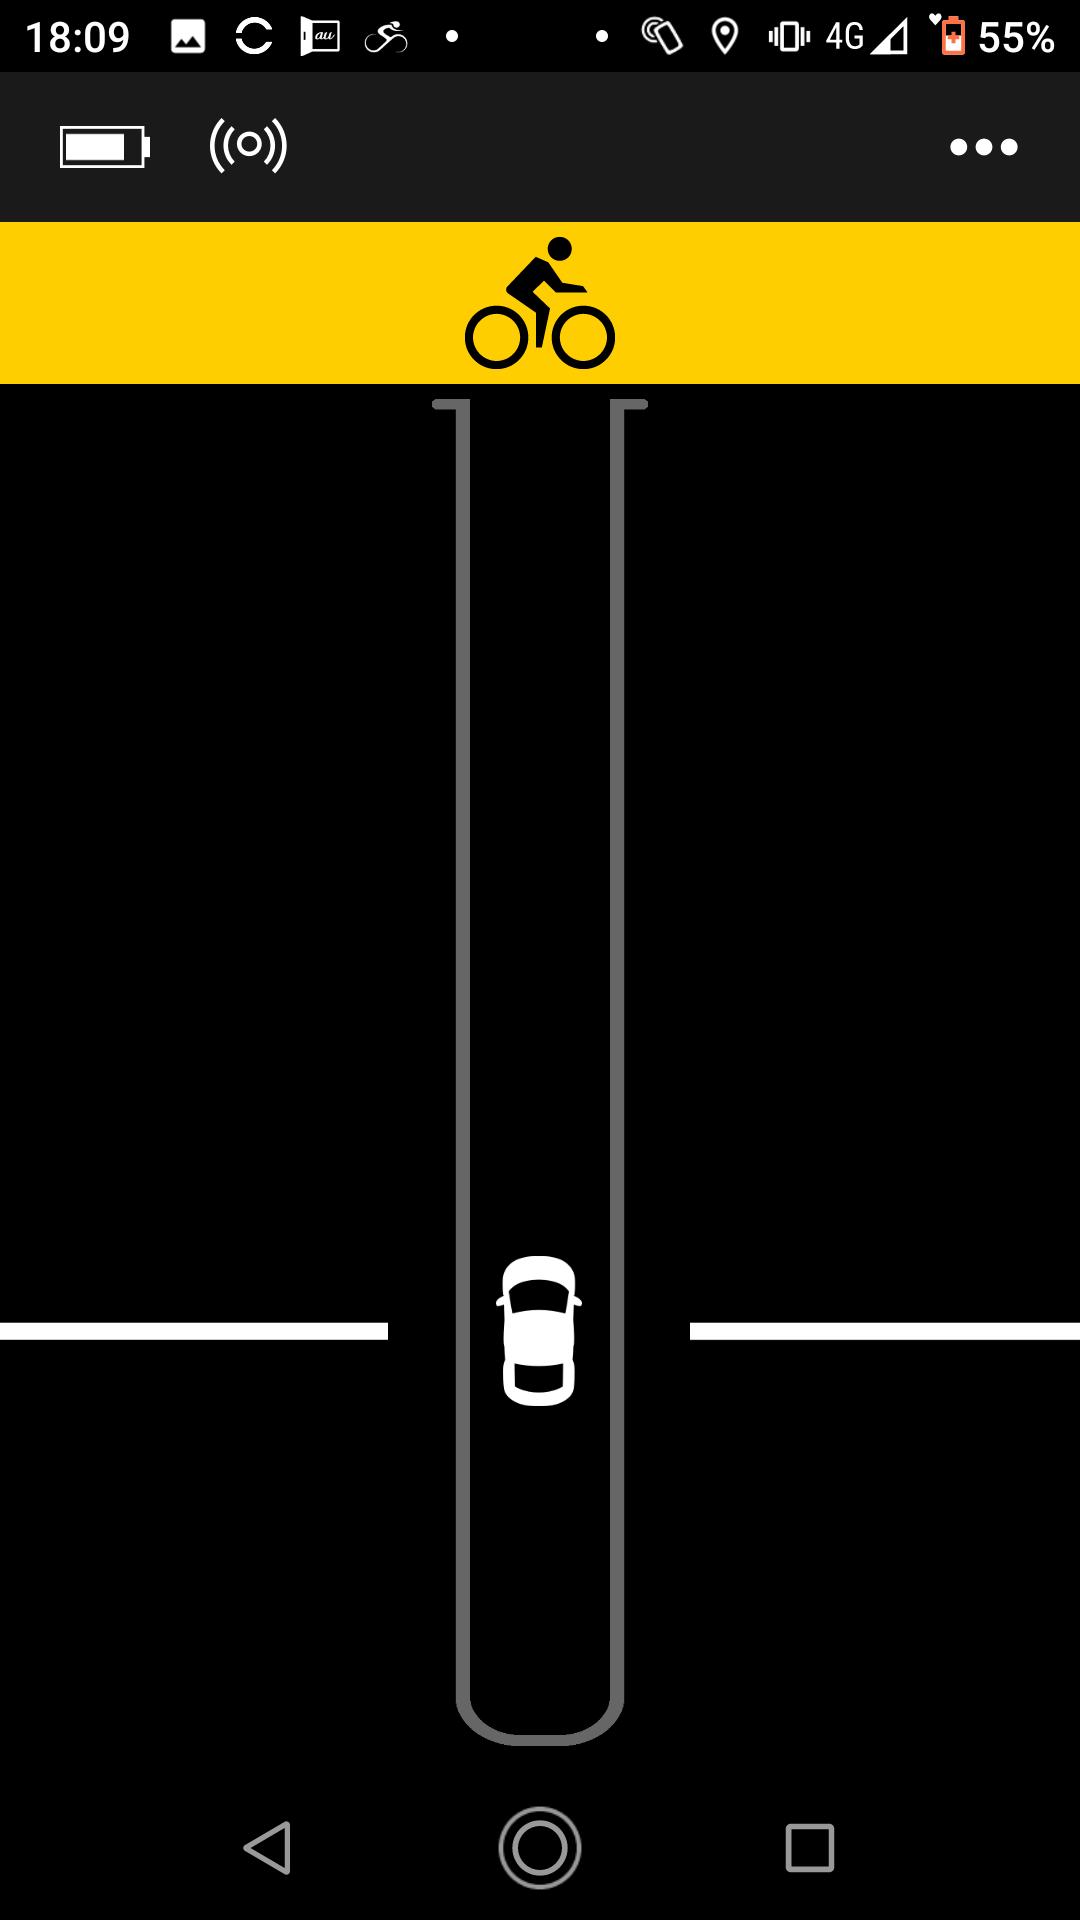 Garmin Varia車両接近時の画面